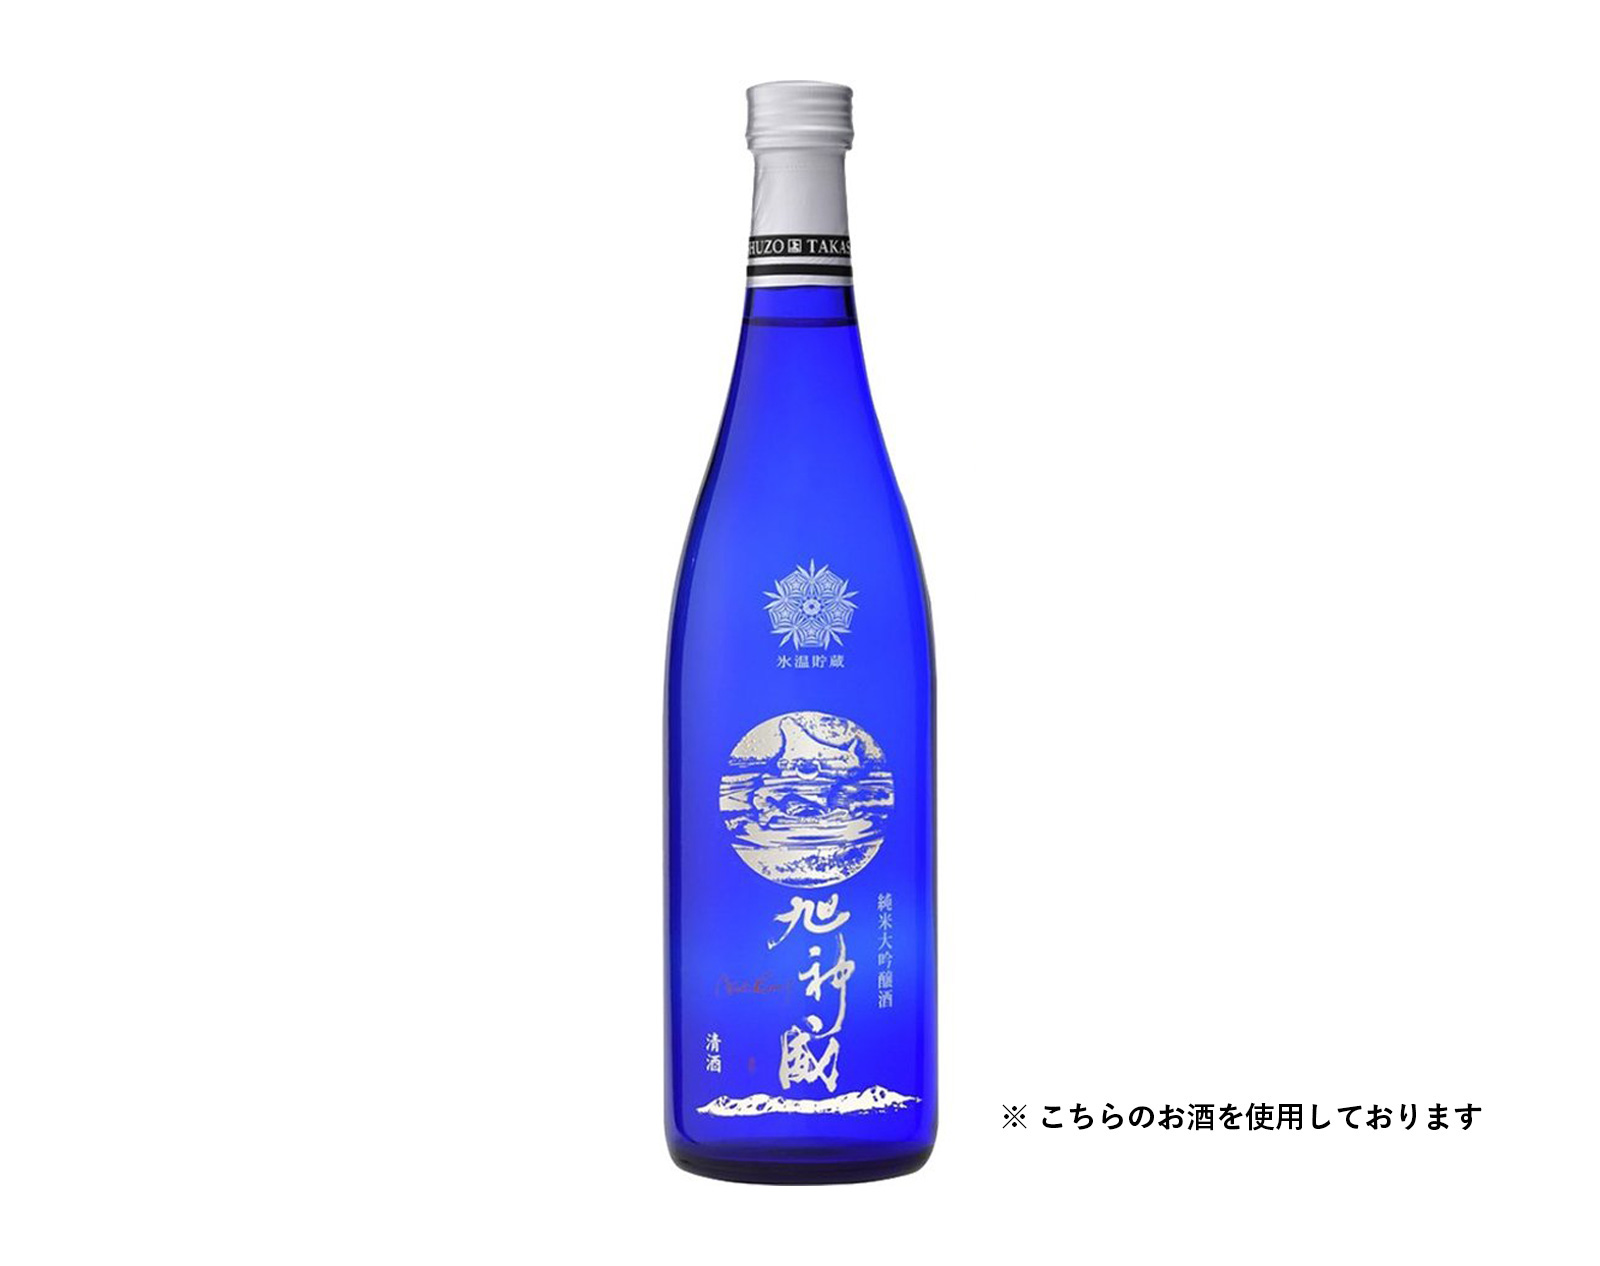 パヴェ・ドゥ・旭神威【限定商品】